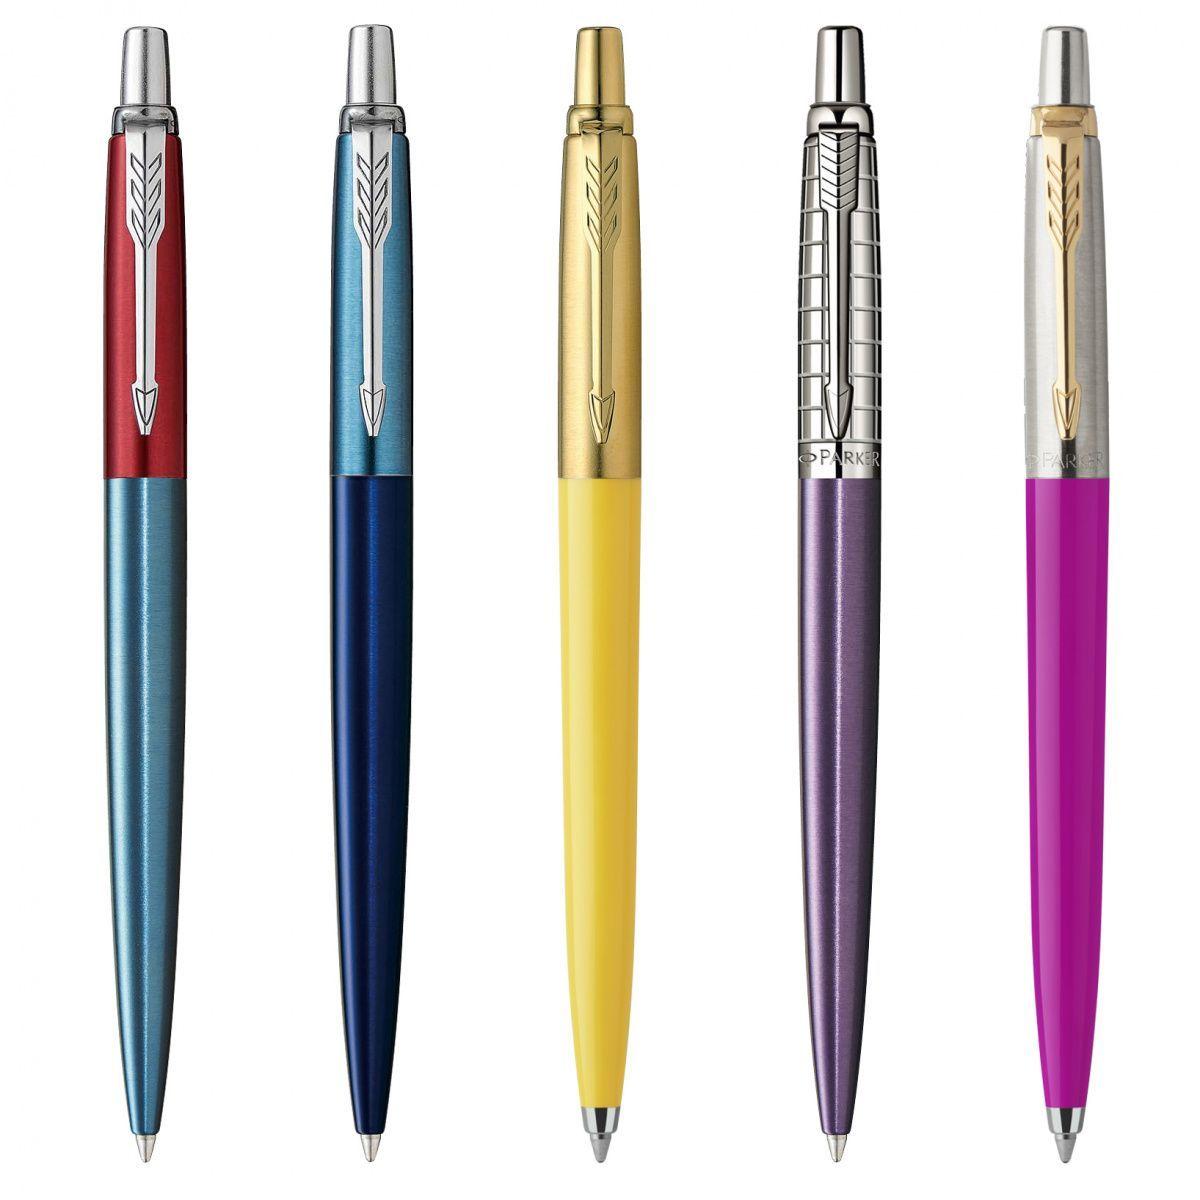 ジョッターファクトリーのオリジナルボールペン